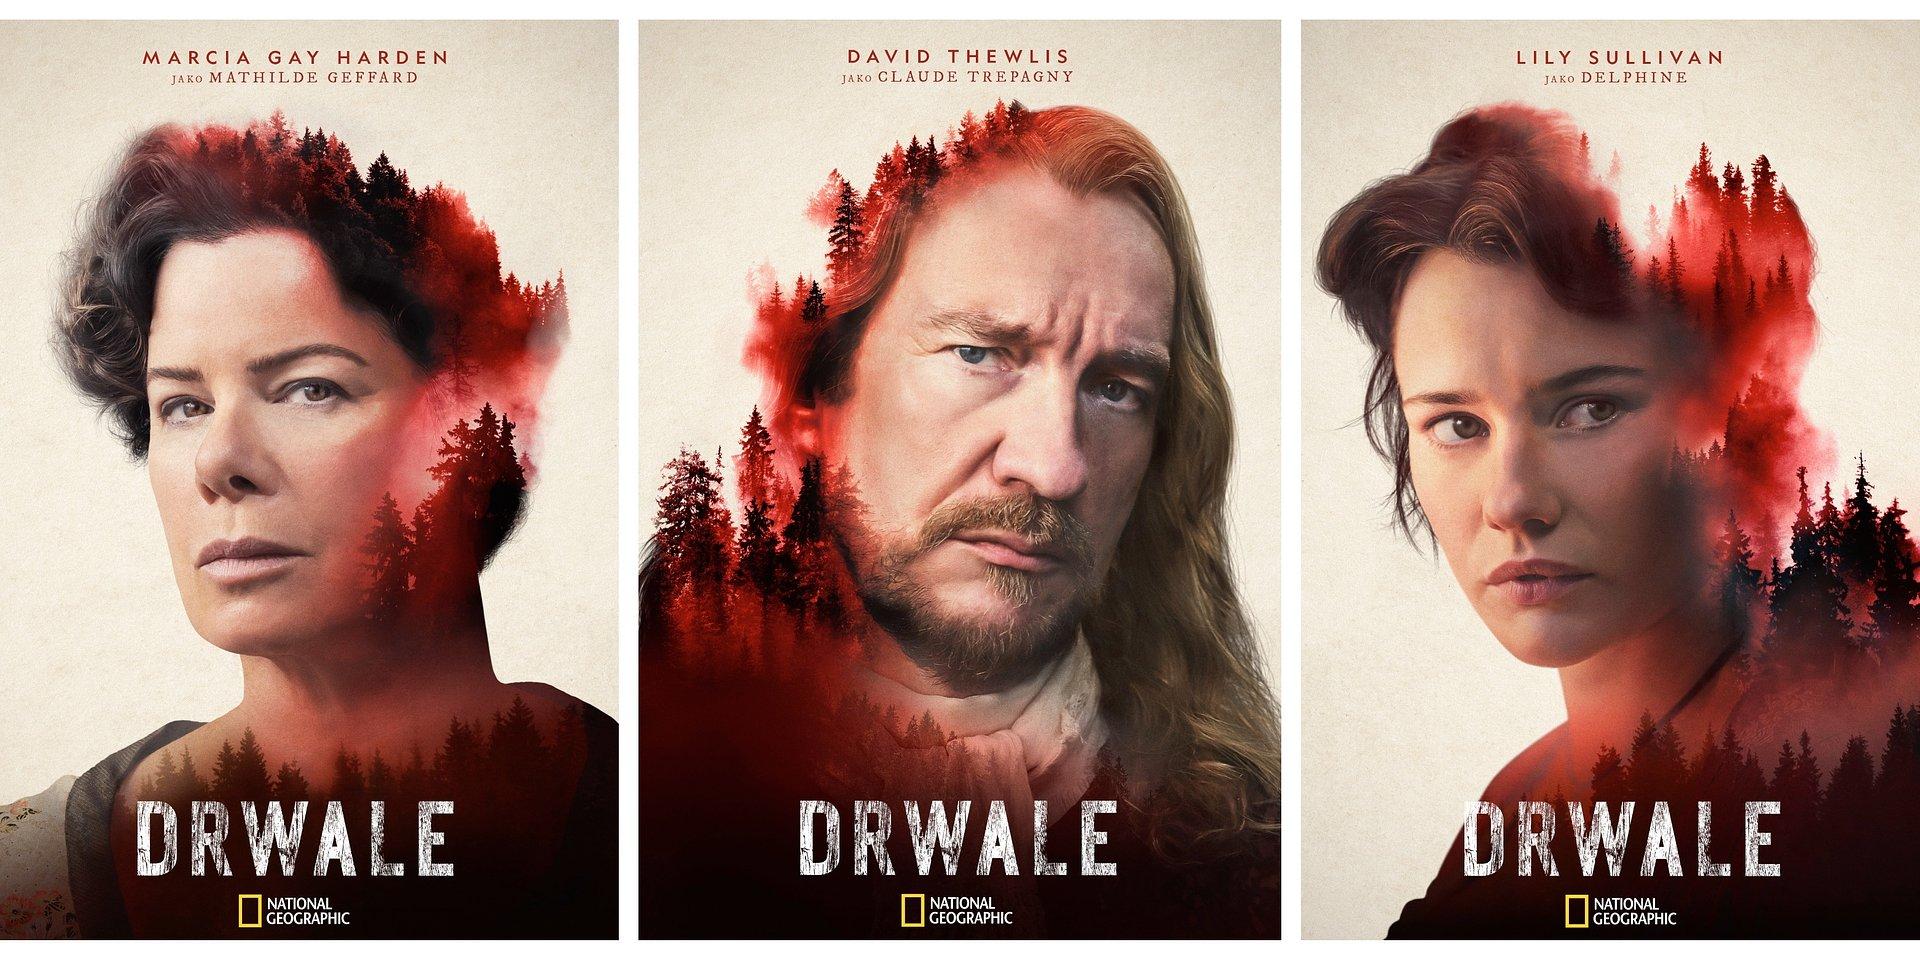 """David Thewlis jako Claude Trepagny w zwiastunie miniserialu """"Drwale"""" National Geographic"""